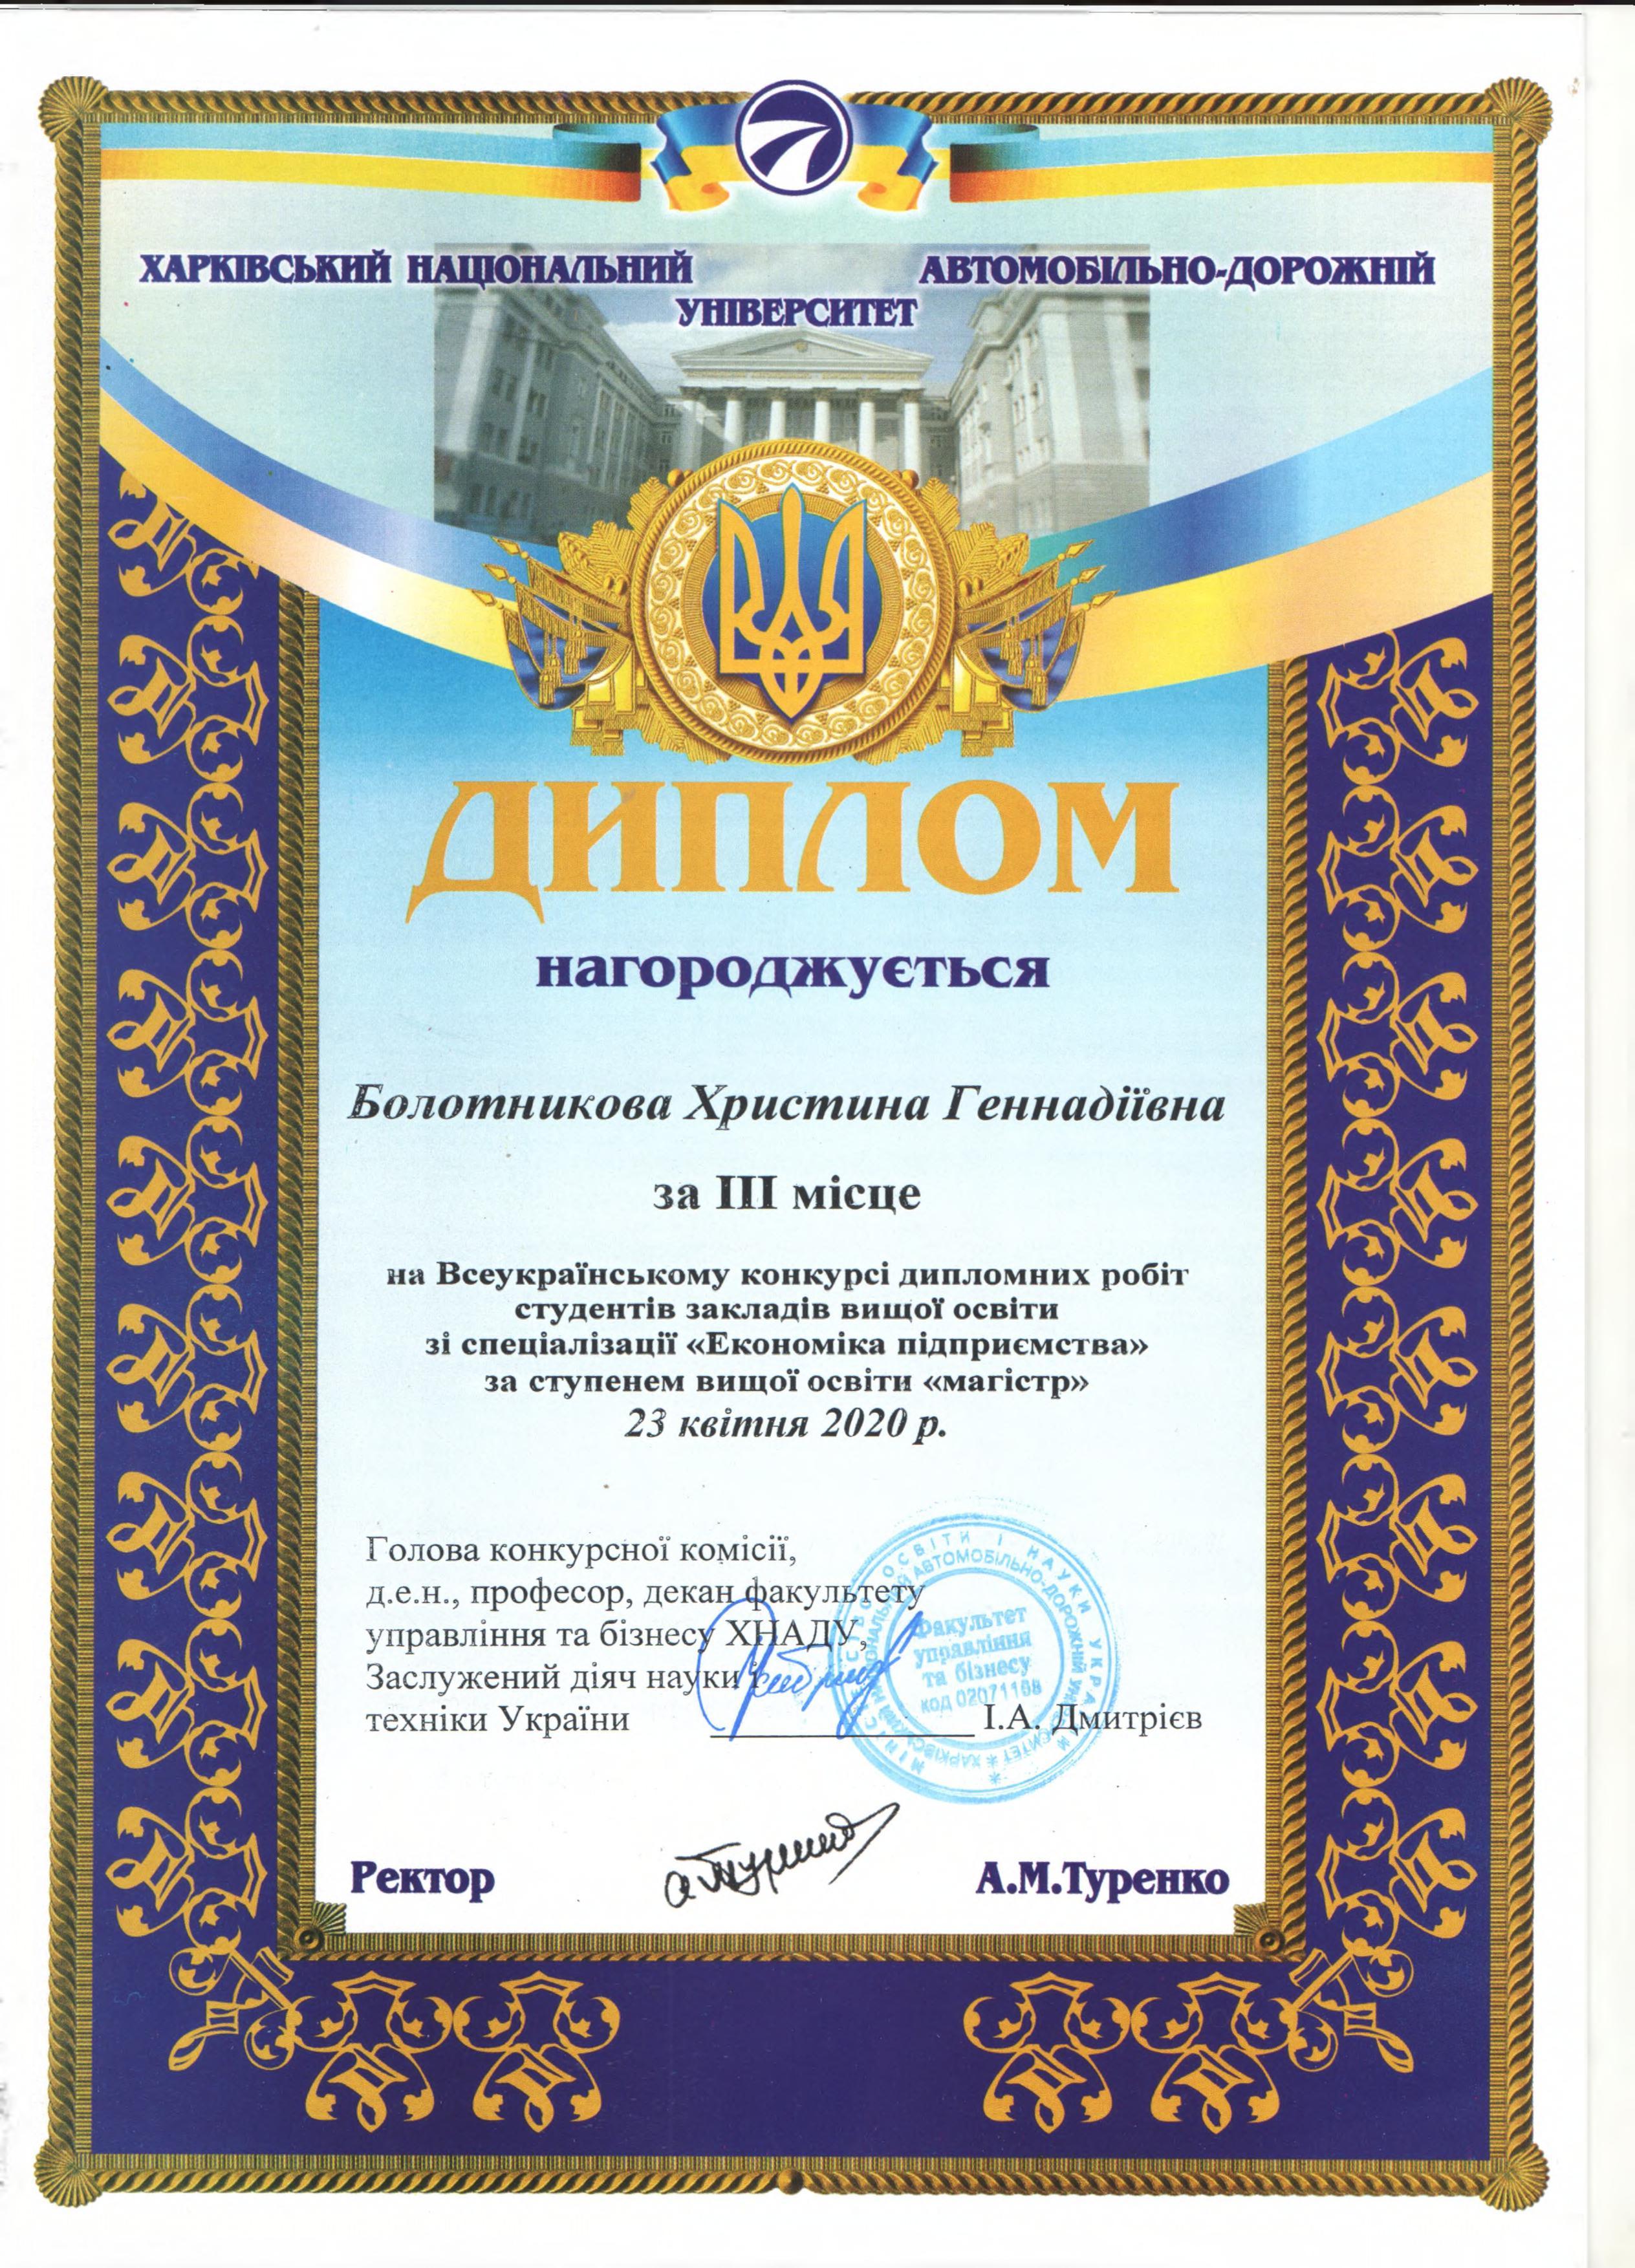 грамота конкурс дипломних робіт Економіка підприємства Болотникова